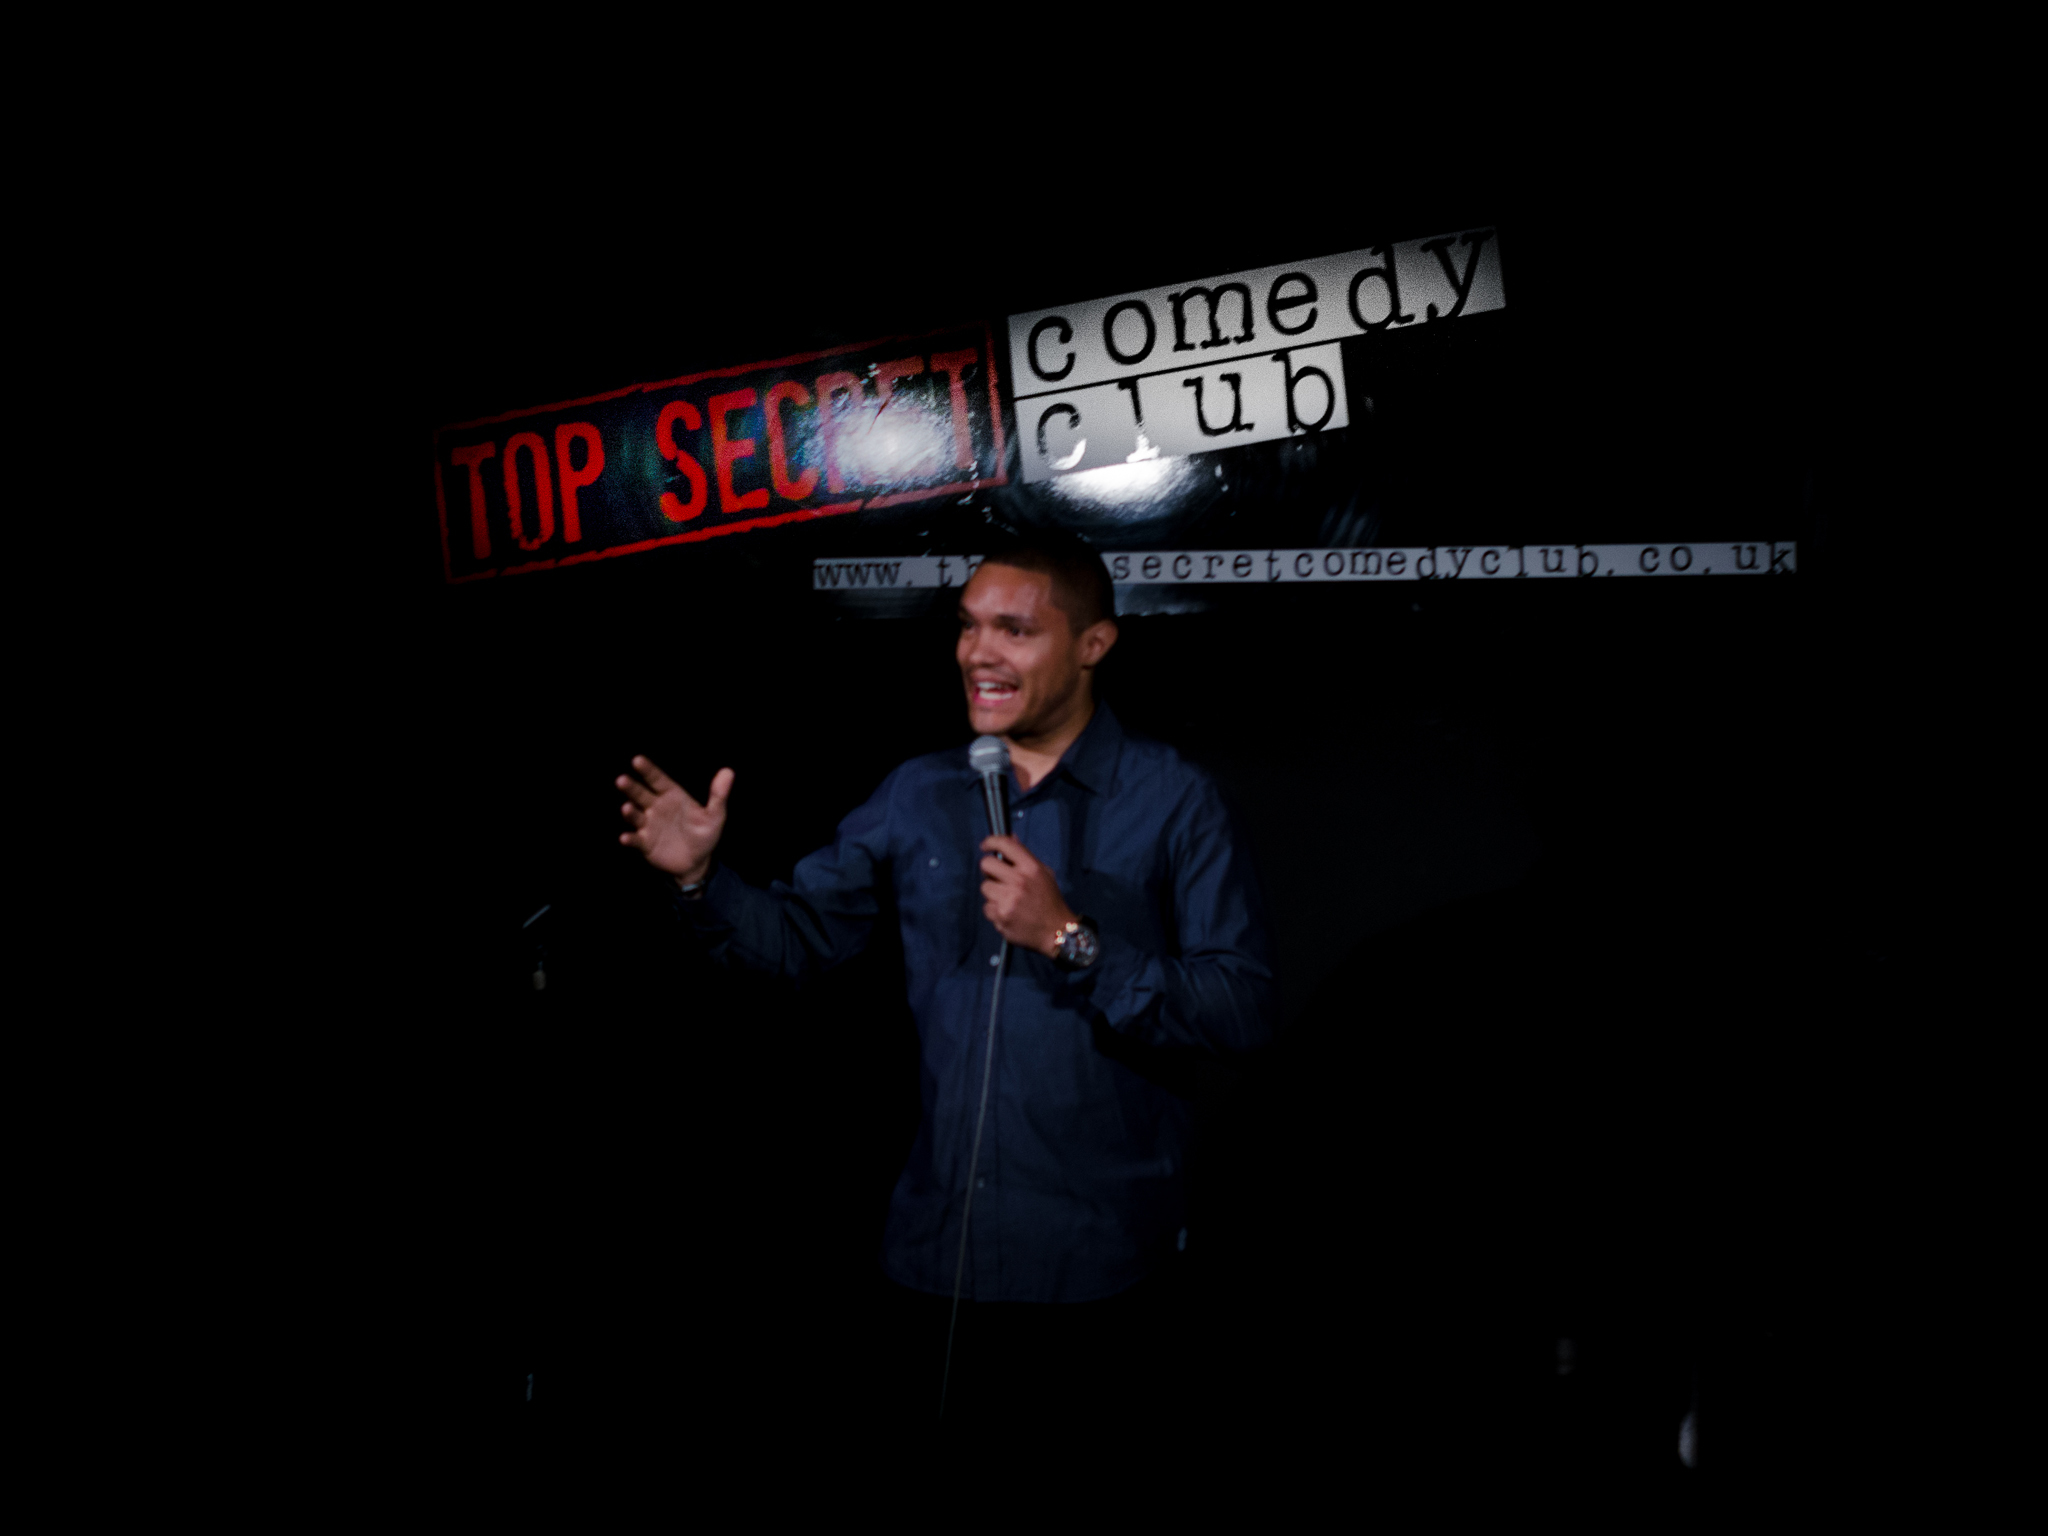 The Top Secret Comedy Club